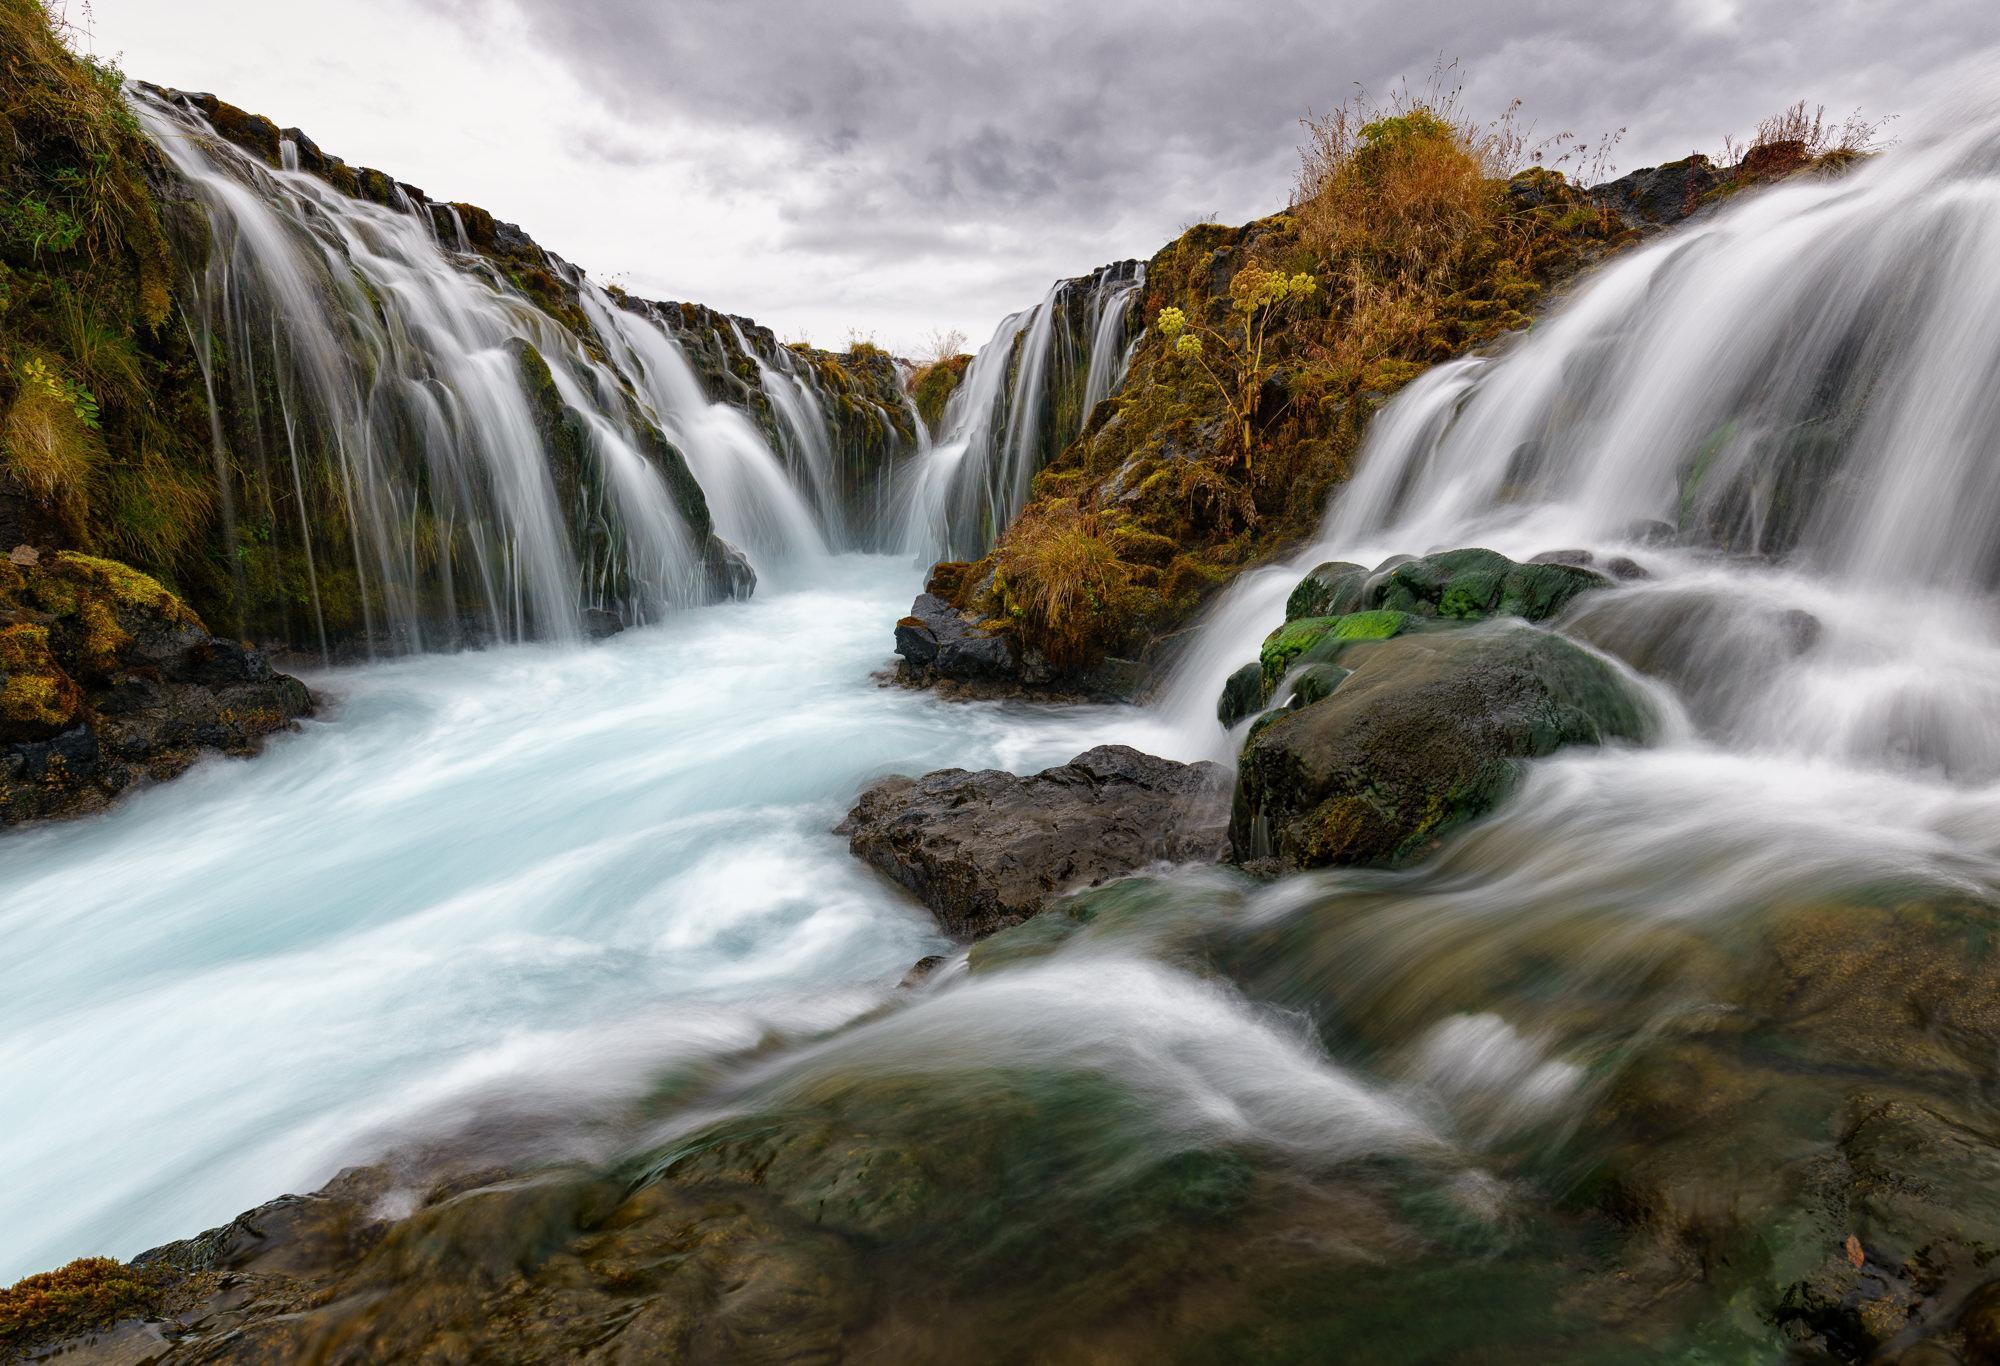 the wild flow